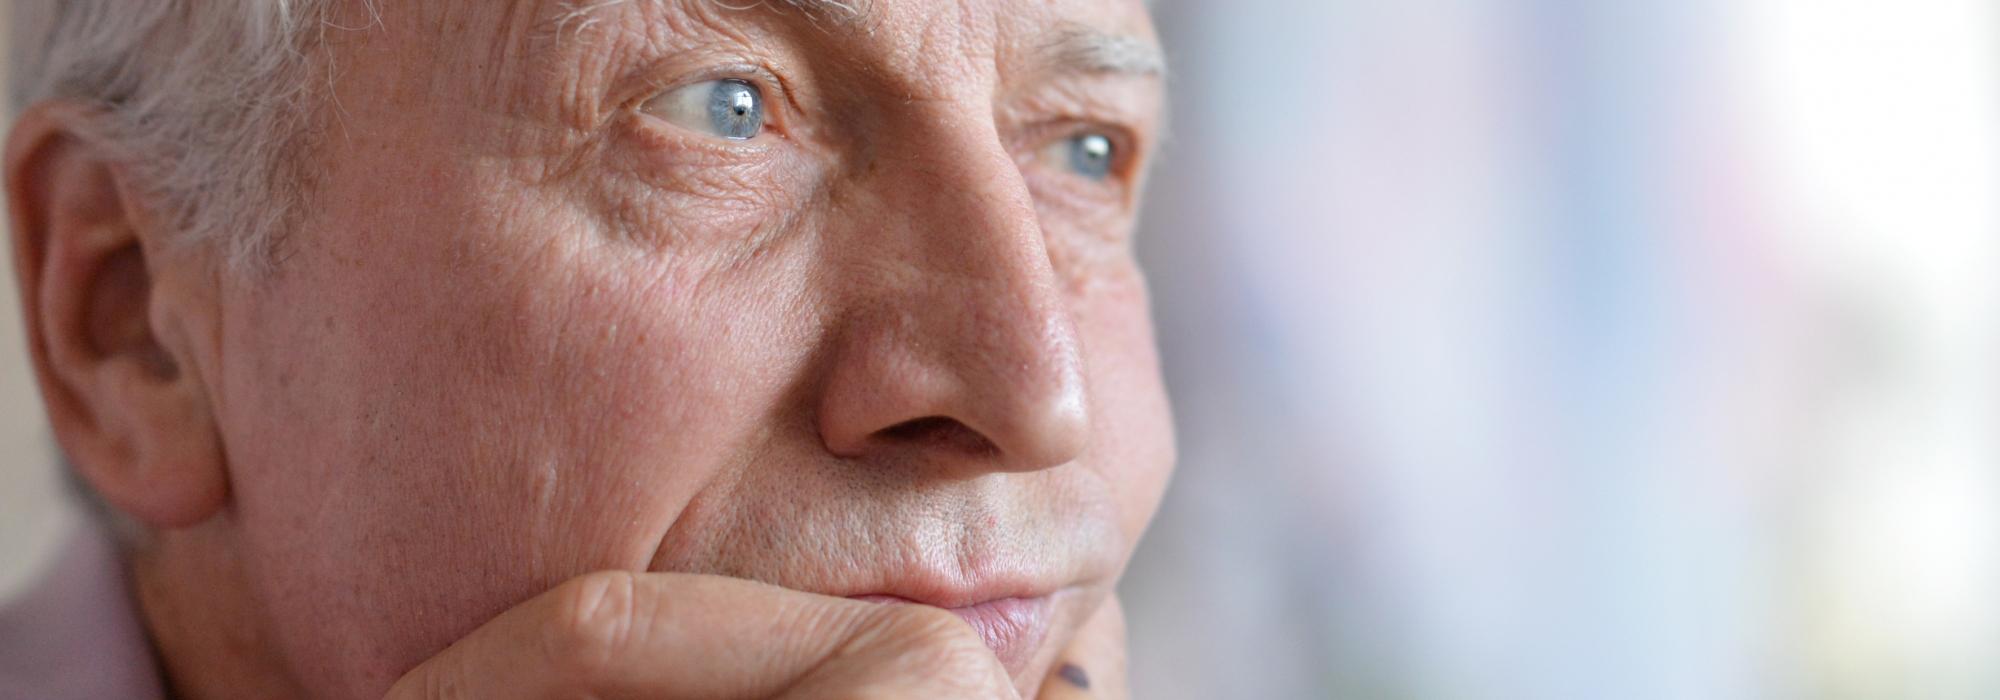 10 weniger bekannte Symptome der Parkinson-Krankheit